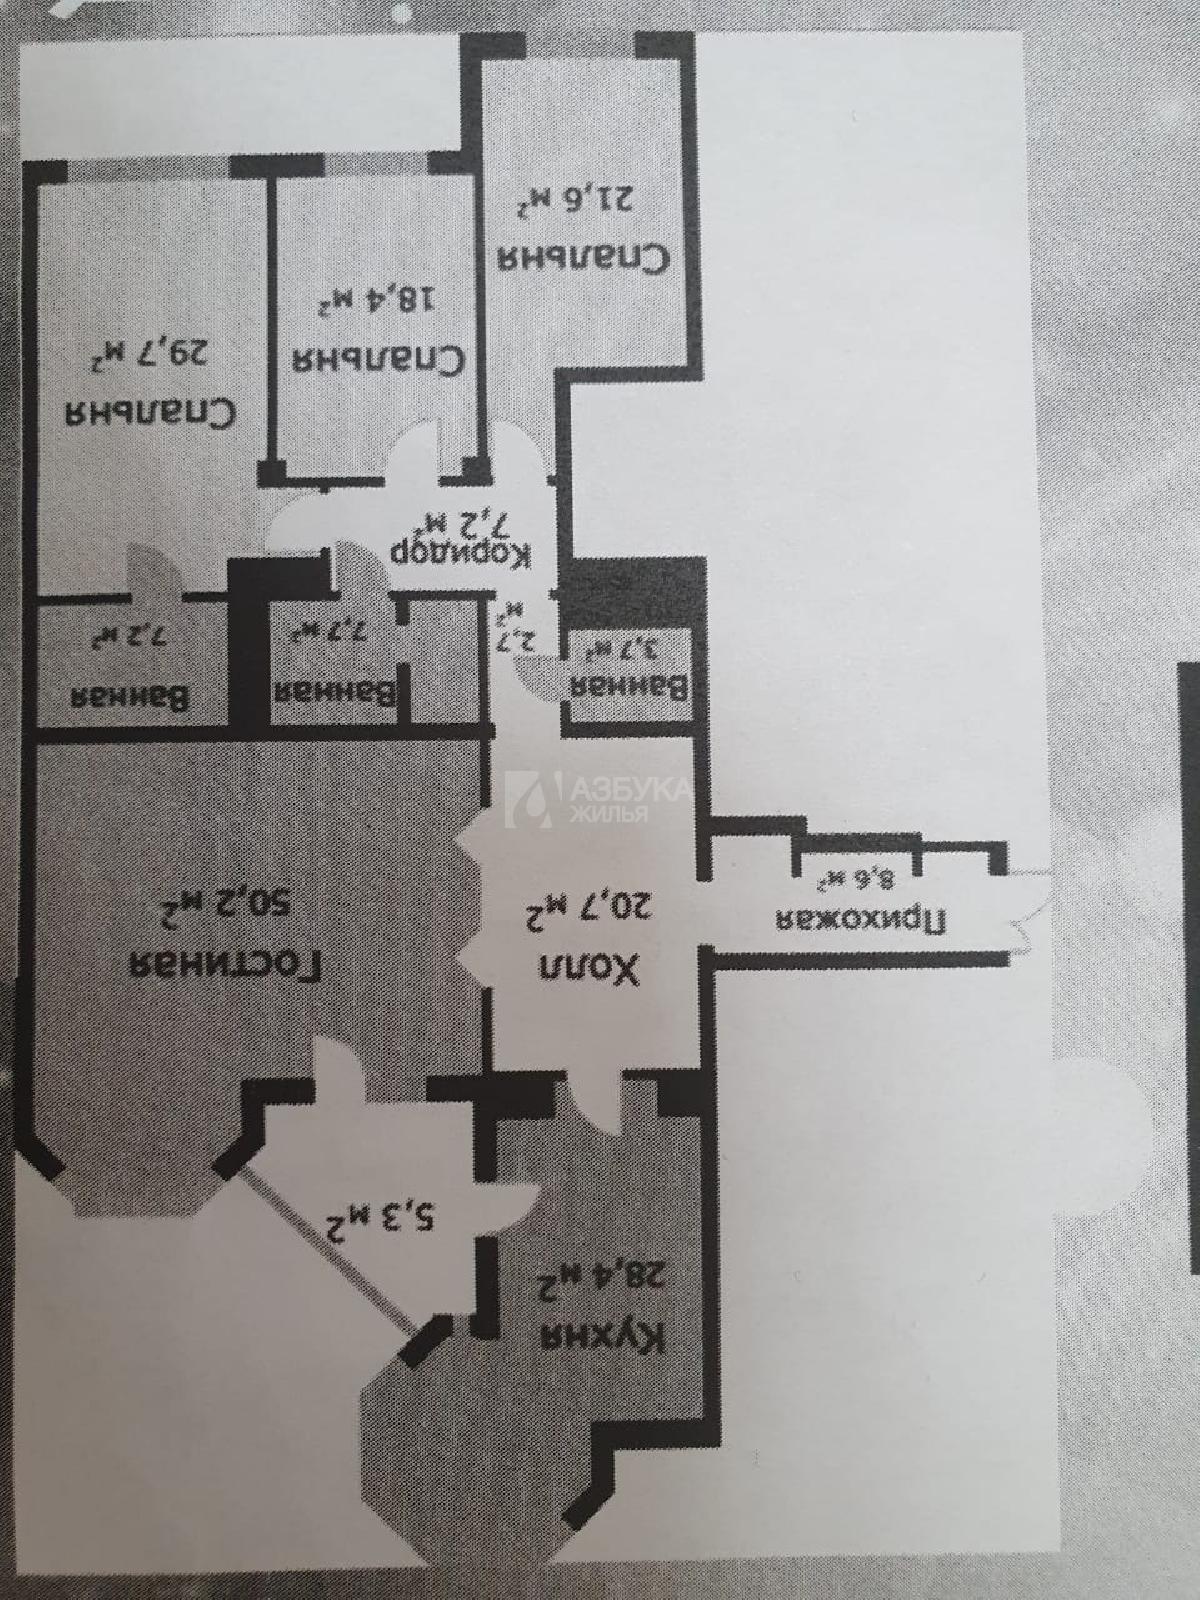 Фото №2 - 6-комнатная квартира, Москва, Архитектора Власова улица 6, метро Профсоюзная